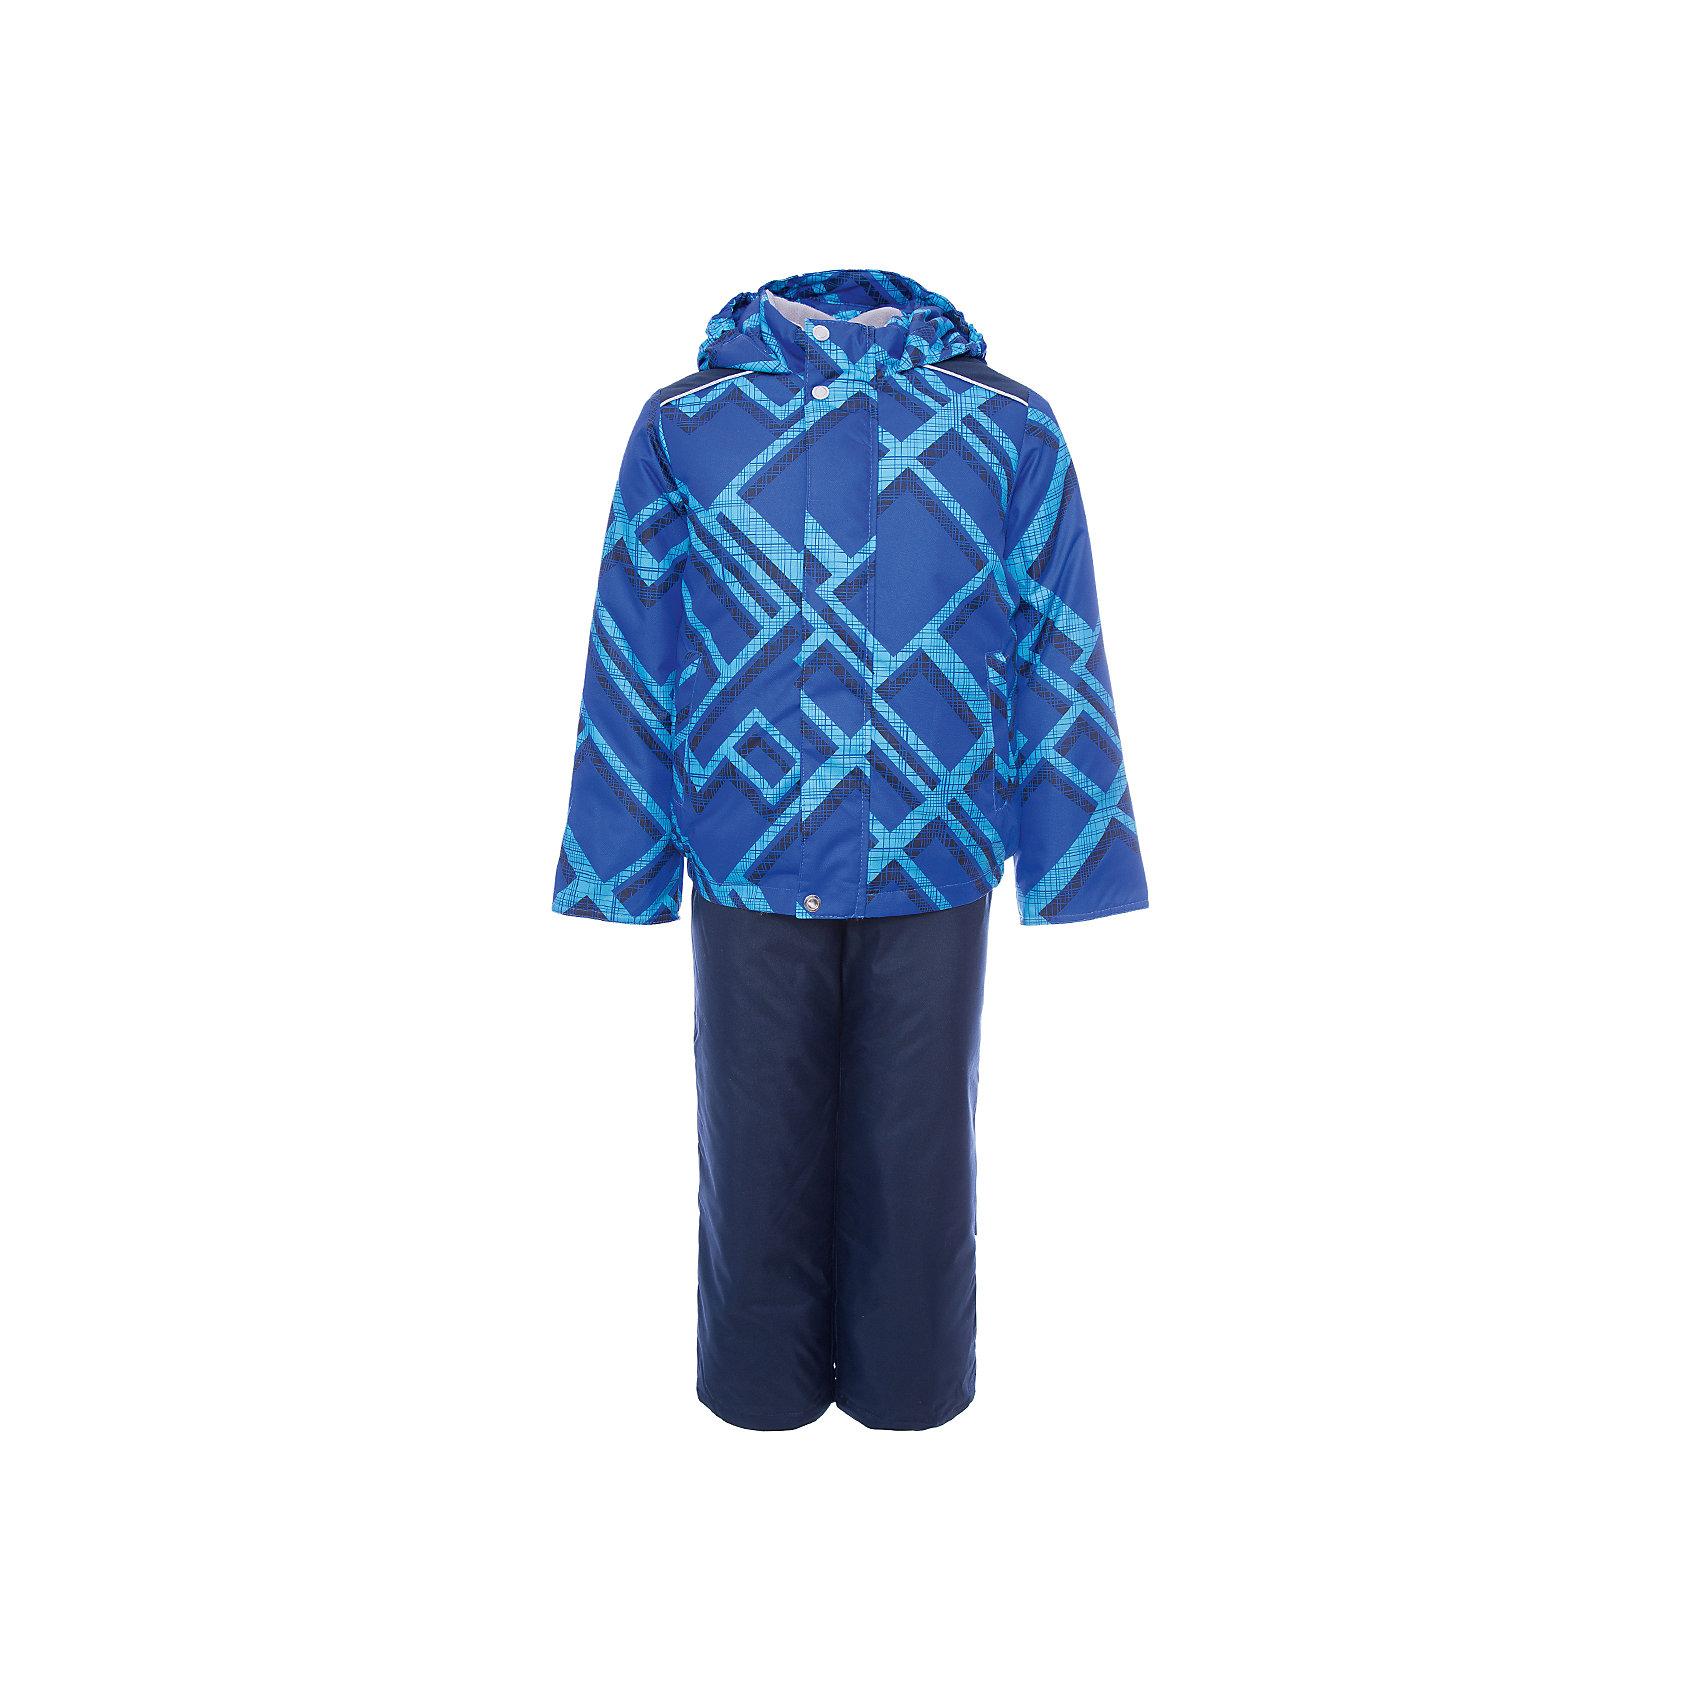 Комплект: куртка и полукомбинезон Гор OLDOS для мальчикаВерхняя одежда<br>Характеристики товара:<br><br>• цвет: голубой<br>• комплектация: куртка и полукомбинезон<br>• состав ткани: полиэстер<br>• подкладка: флис<br>• утеплитель: Hollofan <br>• сезон: зима<br>• мембранное покрытие<br>• температурный режим: от -30 до 0<br>• водонепроницаемость: 3000 мм <br>• паропроницаемость: 3000 г/м2<br>• плотность утеплителя: куртка - 300 г/м2, полукомбинезон - 150 г/м2<br>• застежка: молния<br>• капюшон: без меха, несъемный<br>• страна бренда: Россия<br>• страна изготовитель: Россия<br><br>Зимний комплект от бренда Oldos разработан с учетом потребностей детей. Мембранный комплект для мальчика дополнен элементами для удобства ребенка: воротник-стойка, двойная планка от ветра. Прочное покрытие такого детского комплекта - это защита от воды и грязи, износостойкость, за ним легко ухаживать.<br><br>Комплект: куртка и полукомбинезон Гор Oldos (Олдос) для мальчика можно купить в нашем интернет-магазине.<br><br>Ширина мм: 356<br>Глубина мм: 10<br>Высота мм: 245<br>Вес г: 519<br>Цвет: голубой<br>Возраст от месяцев: 108<br>Возраст до месяцев: 120<br>Пол: Мужской<br>Возраст: Детский<br>Размер: 140,92,98,104,110,116,122,128,134<br>SKU: 7016486